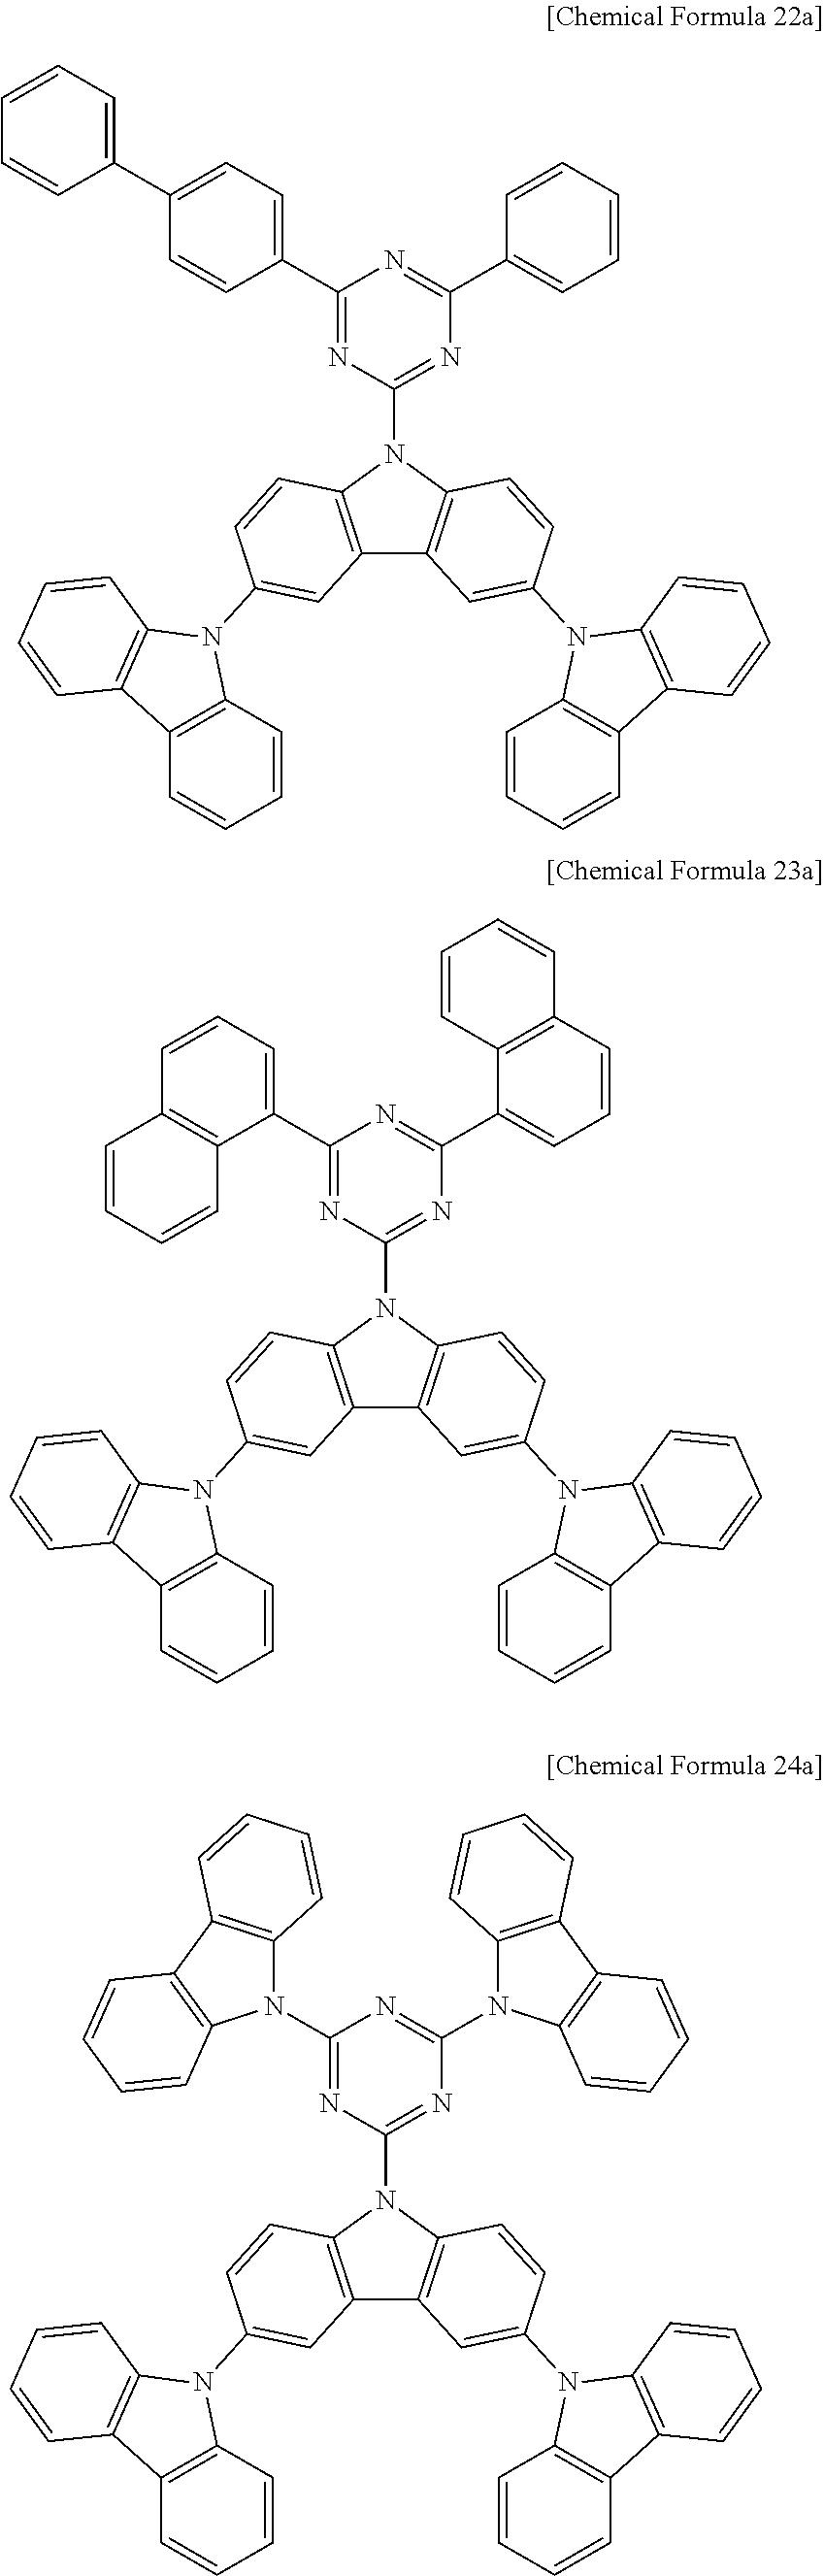 Figure US20130292659A1-20131107-C00077